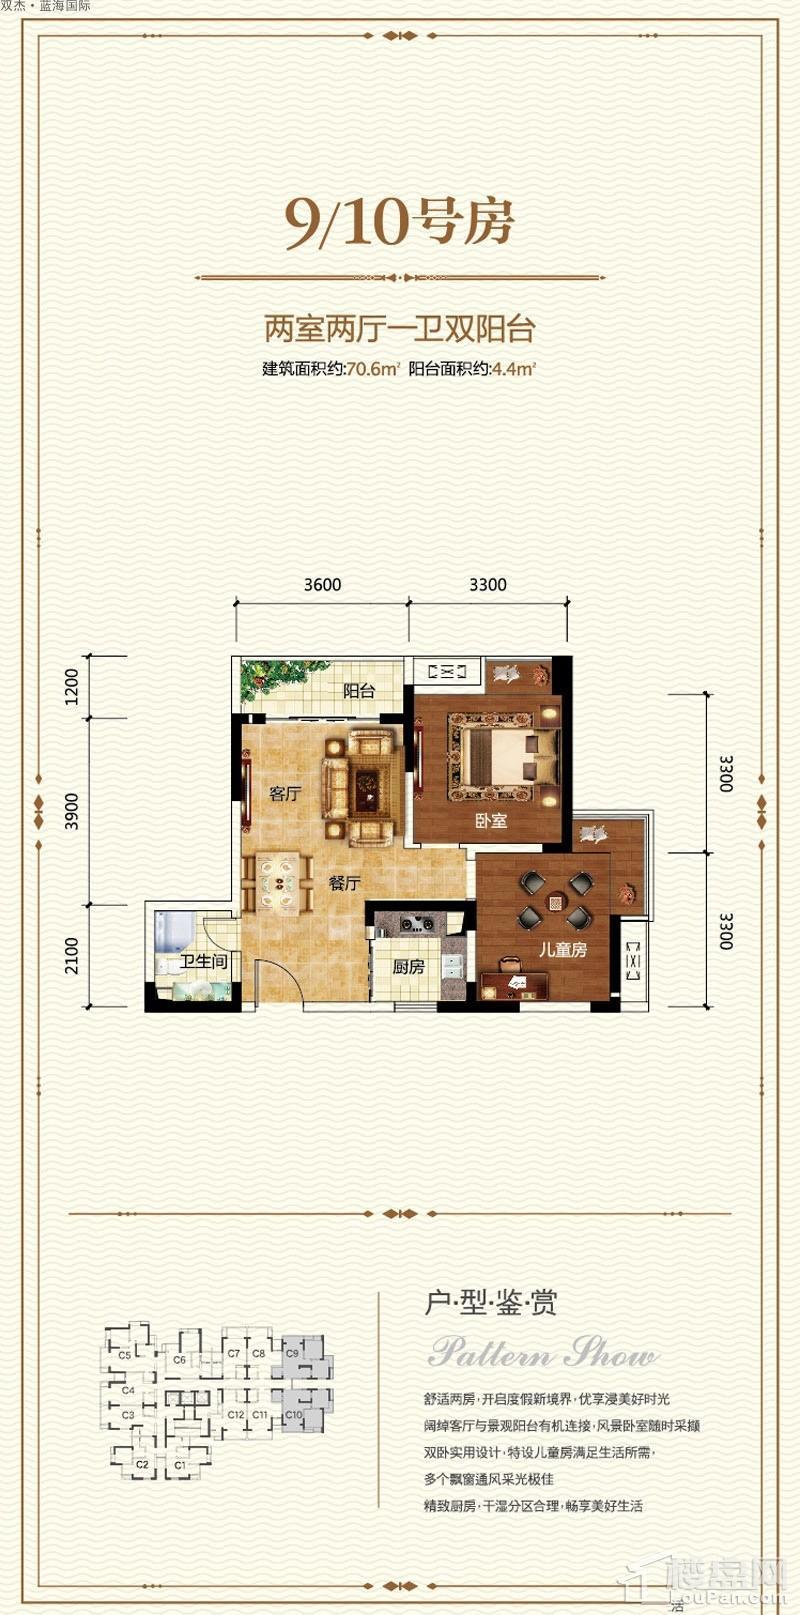 双杰·蓝海国际9/10号房户型